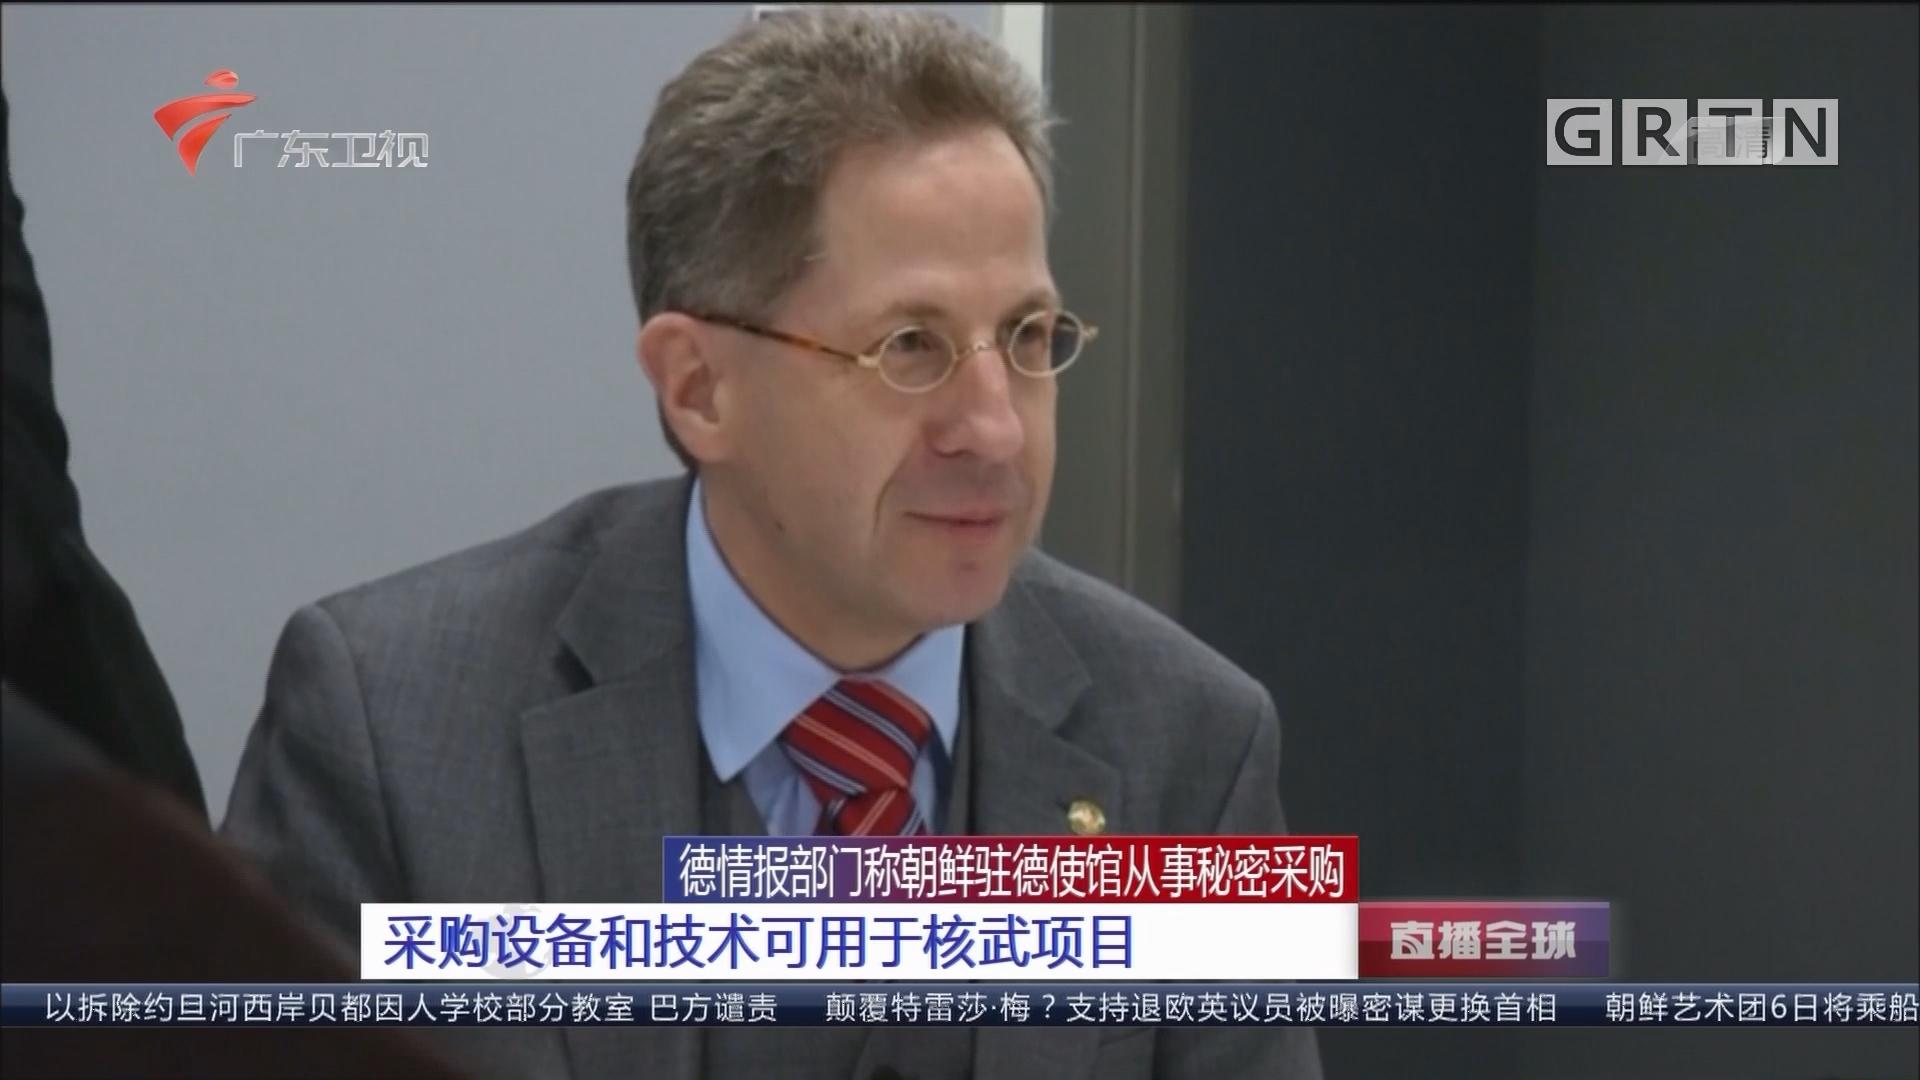 德情报部门称朝鲜驻德使馆从事秘密采购 采购设备和技术可用于核武项目